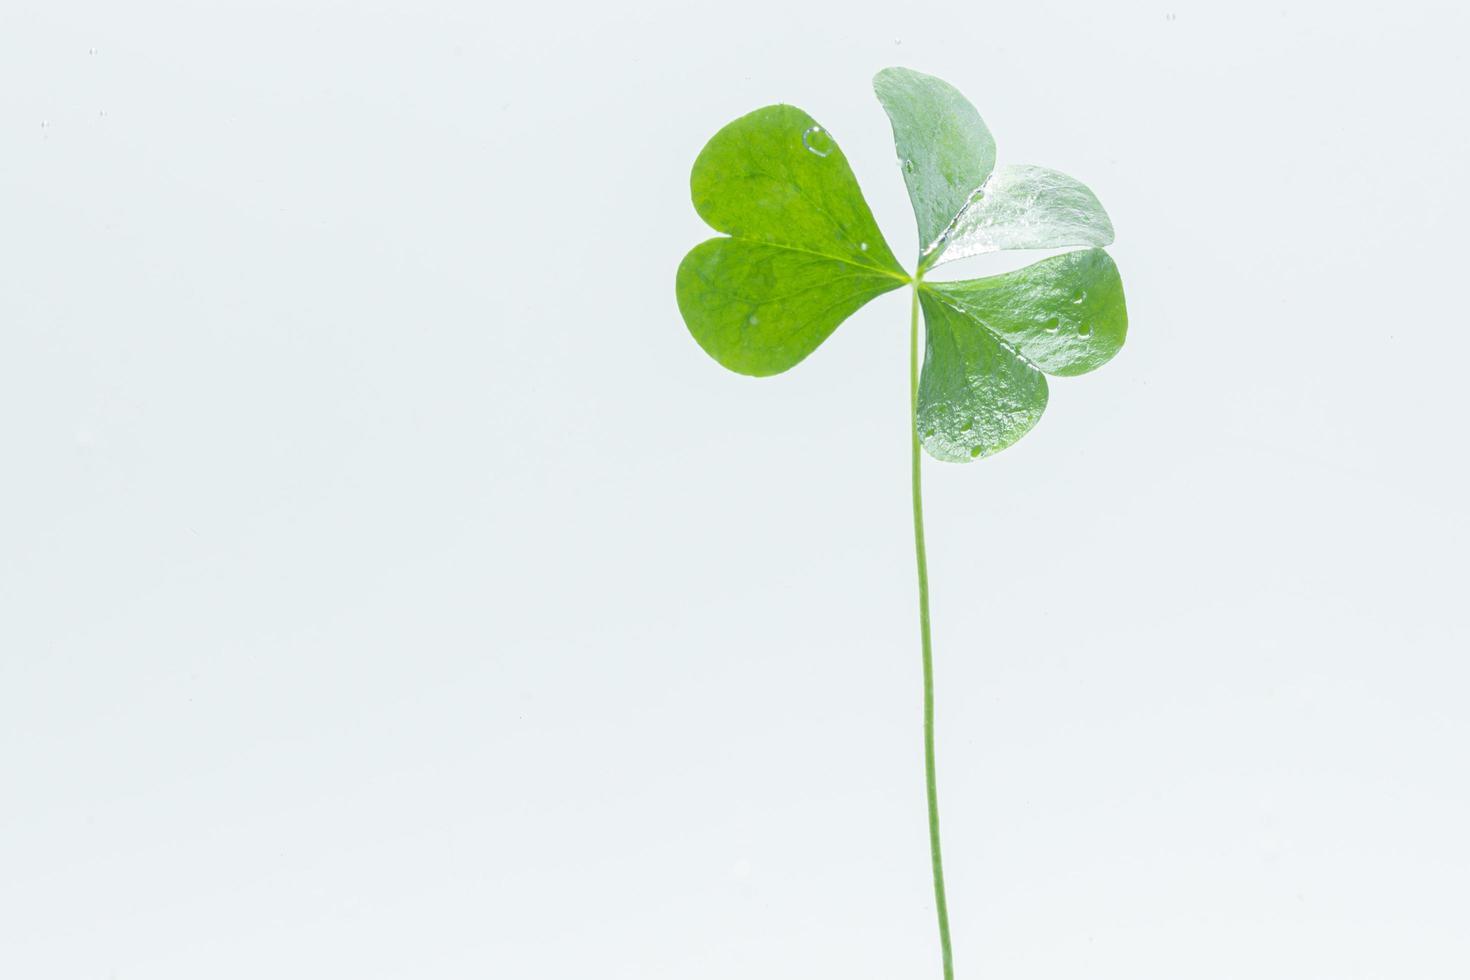 pianta verde nell'acqua foto